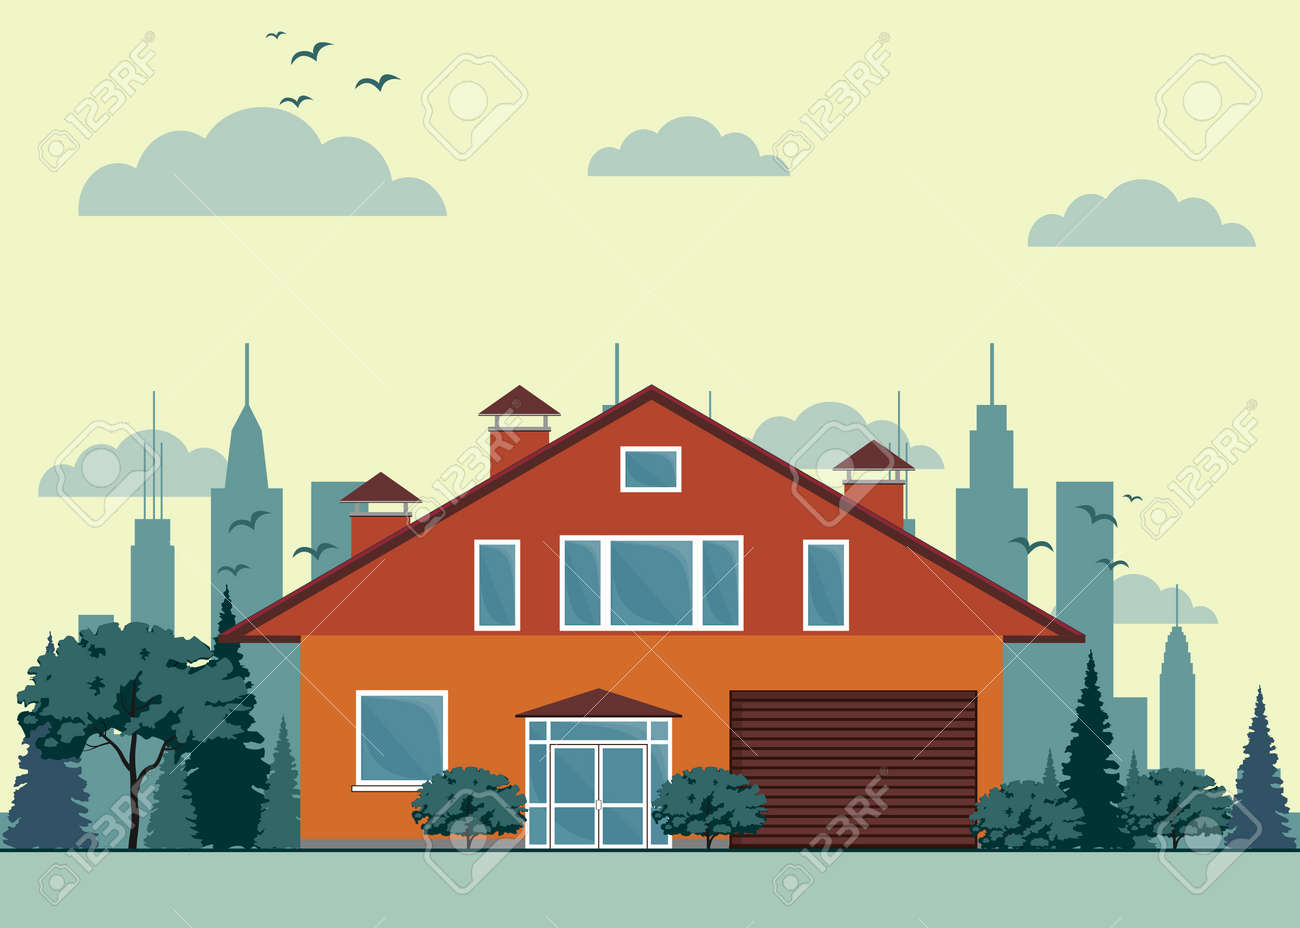 Vorstadthaus, Häuschen Mit Garten Auf Hintergrund. Immobilien ...